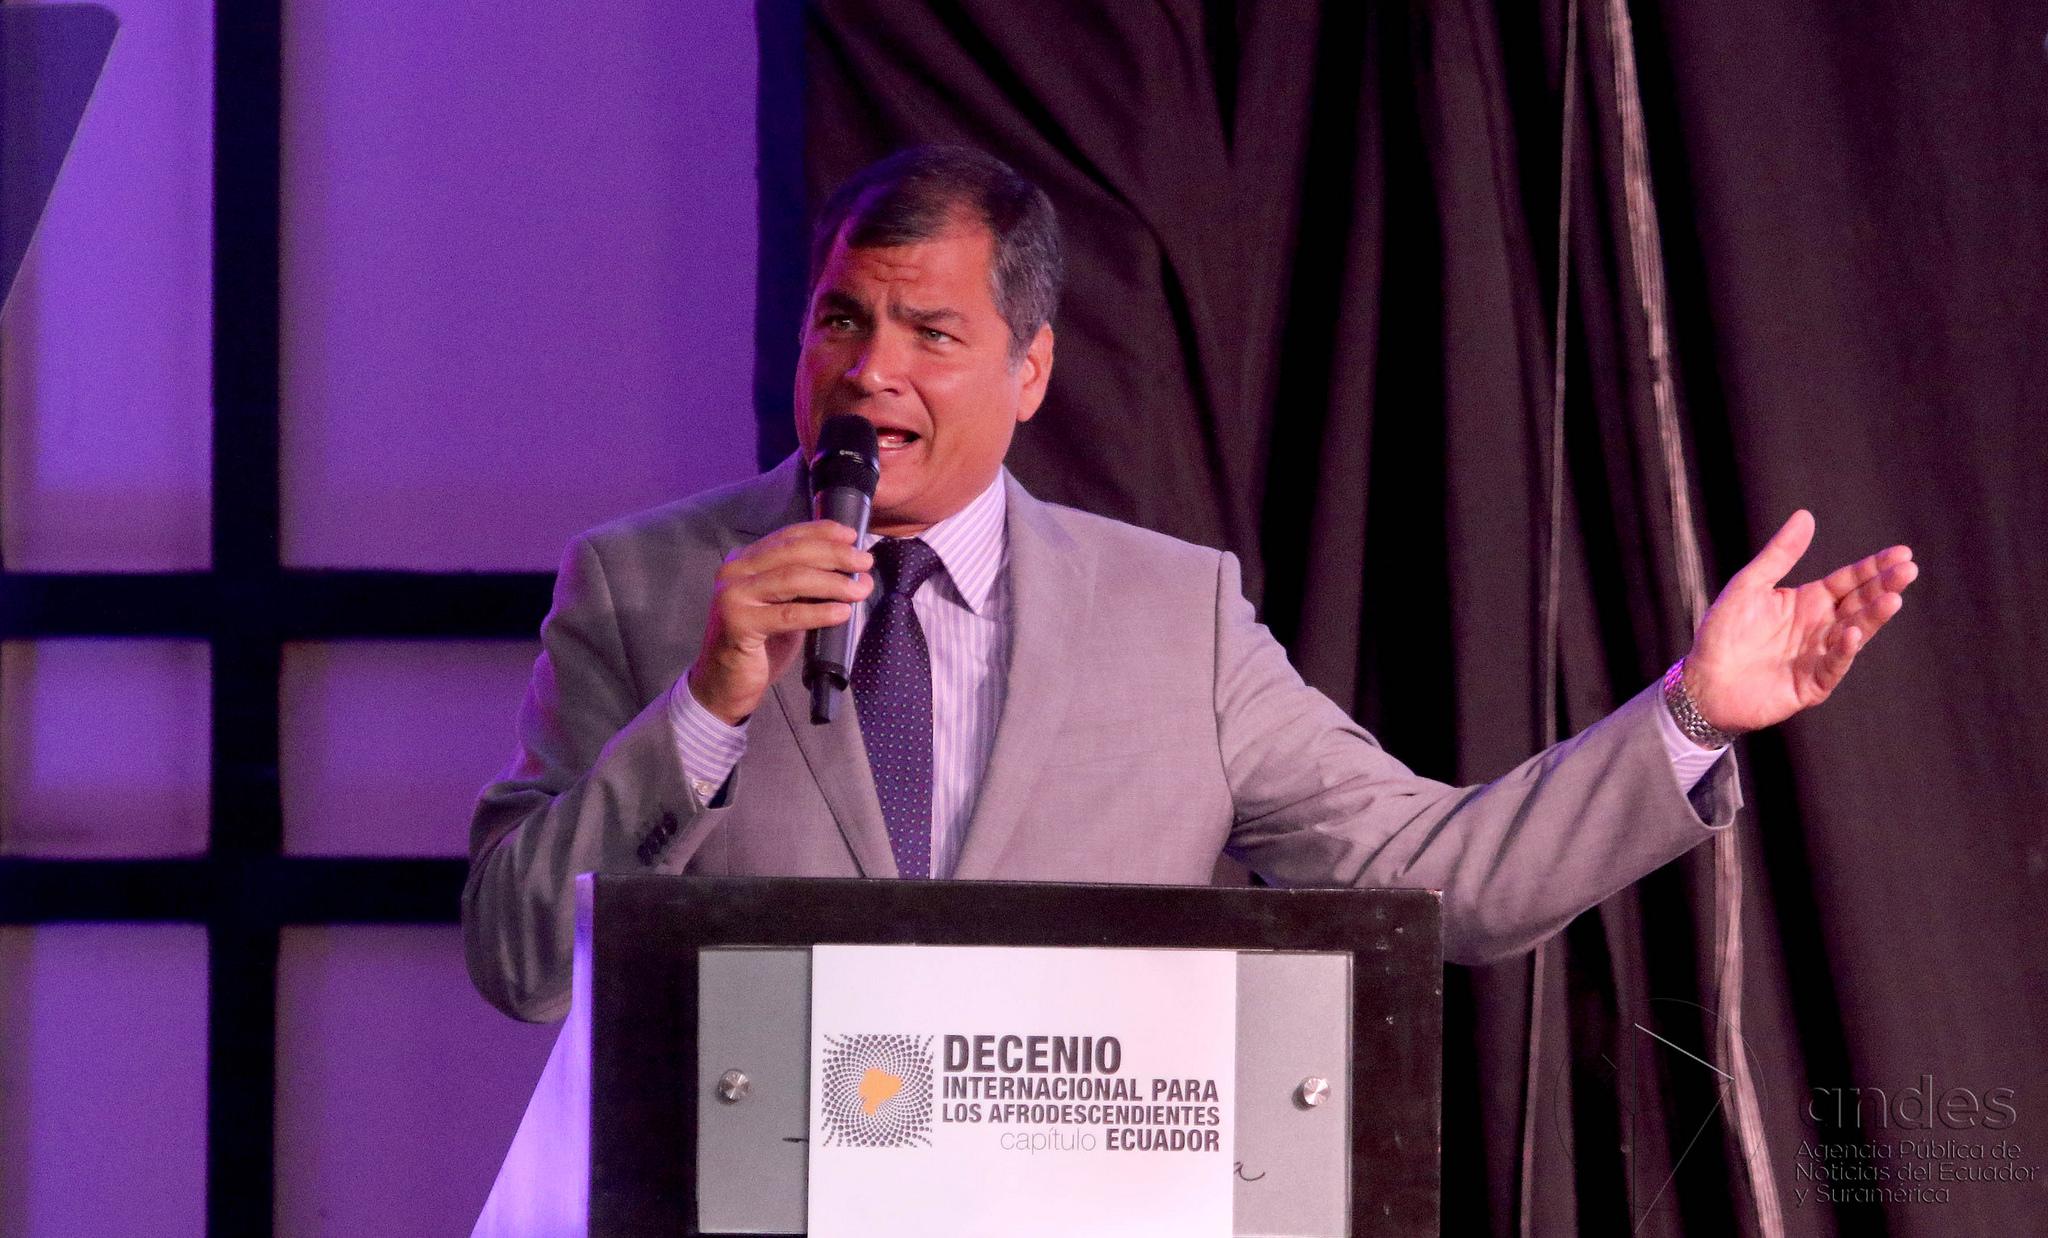 Guayaquil, martes 16 de febrero del 2016 (Andes).-Rafael Correa, presidente del Ecuador durante la firma del Decreto Ejecutivo para el cumplimiento de objetivos del Decenio Internacional para los Afrodescendientes-capítulo Ecuador Foto:Andes/César Muñoz